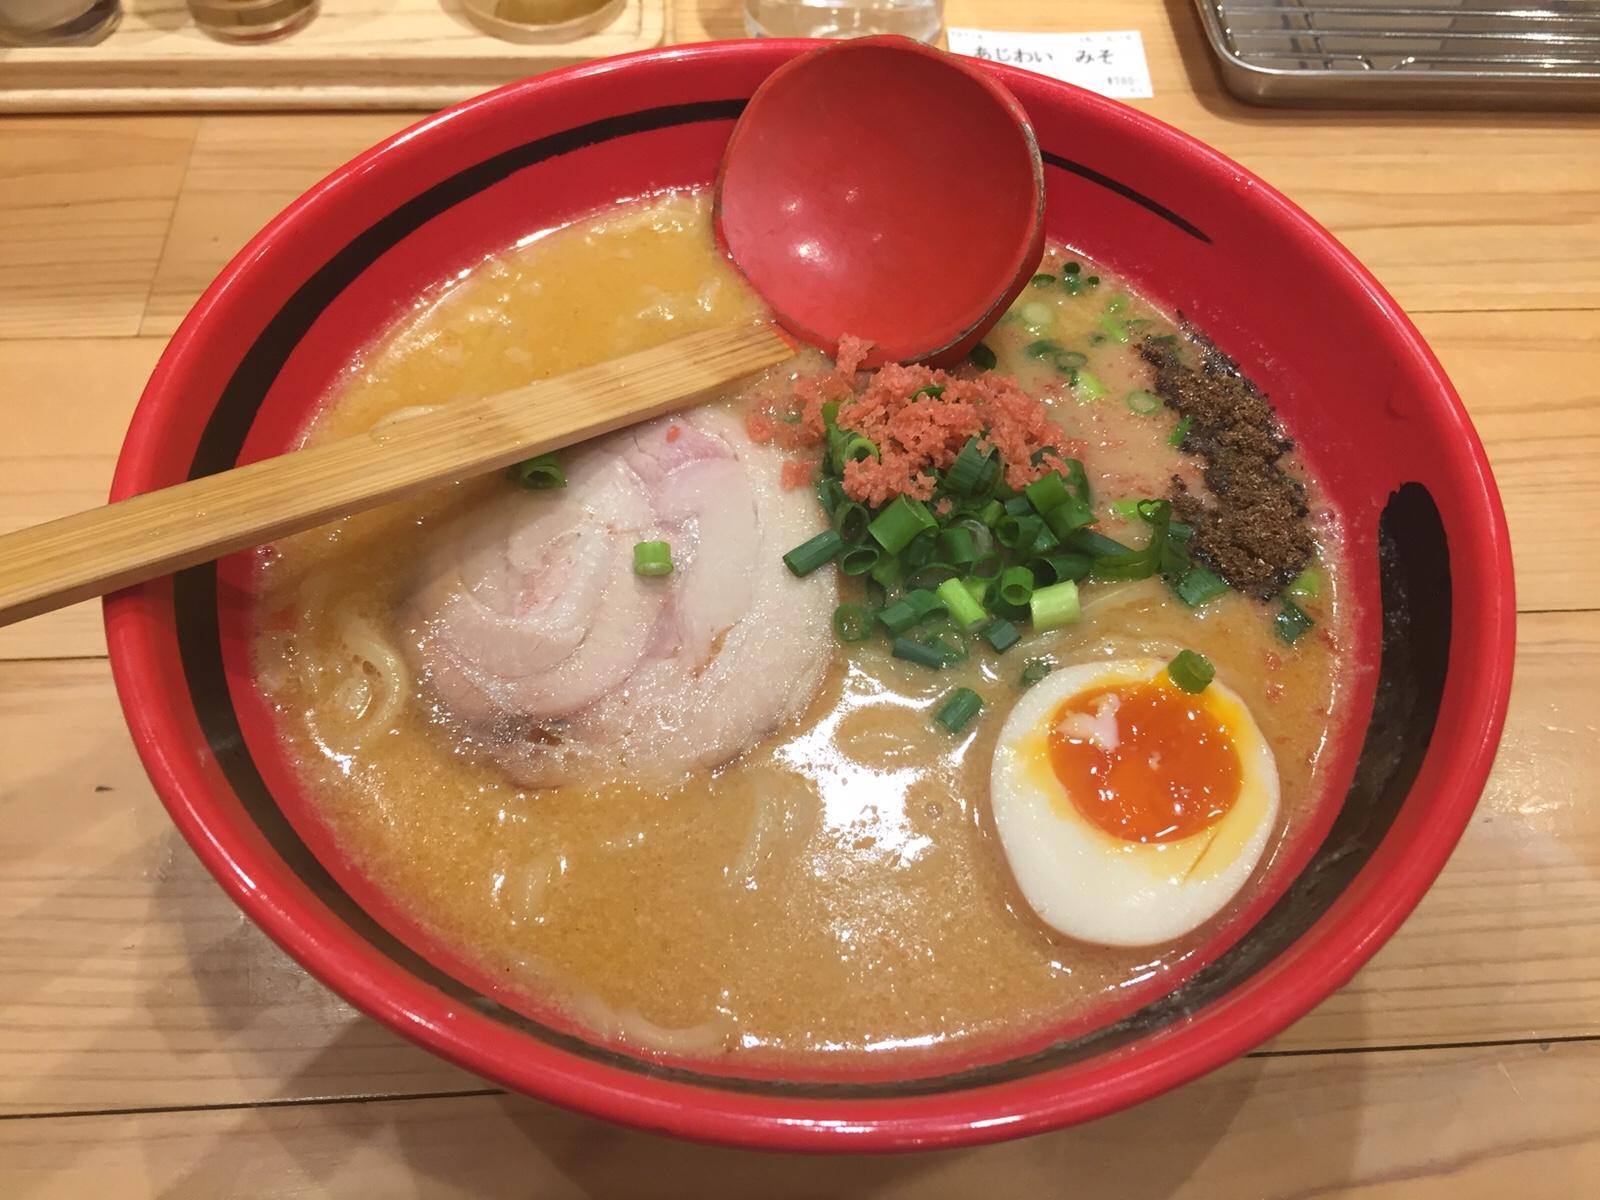 えび好きにはたまらない味!「えびそば一幻」東京駅八重洲地下街店